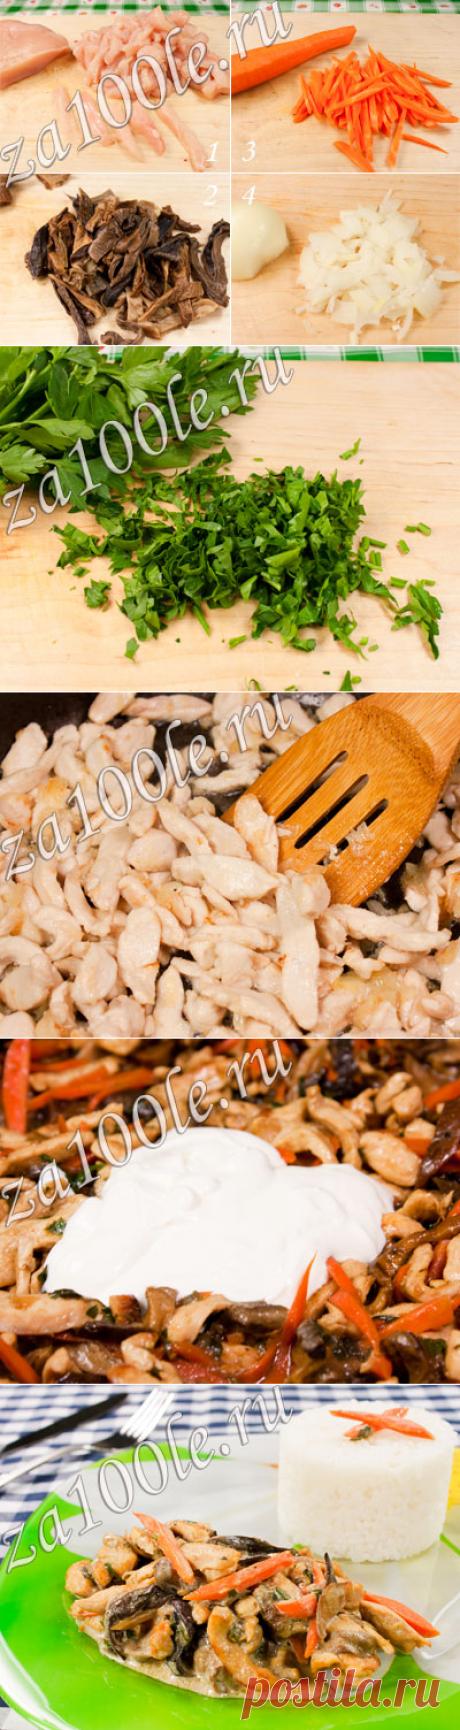 Куриное филе с грибами со сметаной фото-видео рецепт =На 5-6 порций: Куриное филе – 500 гр. Грибы сушёные – 50 гр. Морковь – 200 гр. Лук репка – 1 луковица Сметана – 5 ст.л. Петрушка – 0,5 пучка Петрушка – 0,5 пучка Вода – 300 мл. Белый перец Соль по вкусу